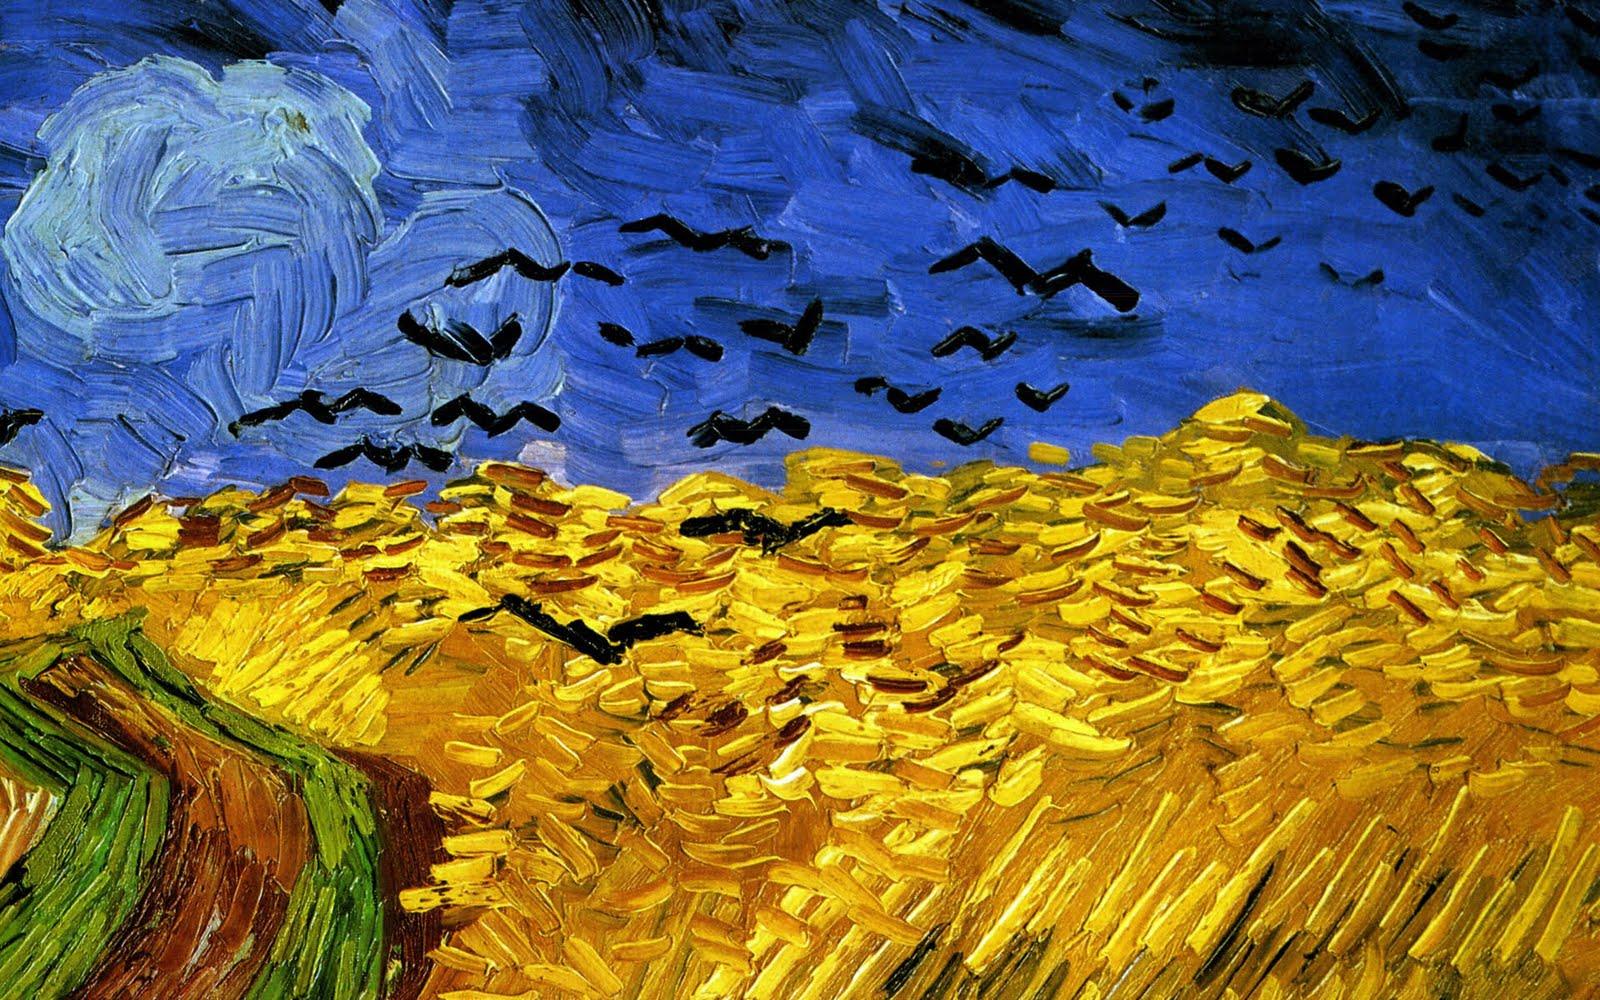 La expresión en el arte a través de obras maestras.